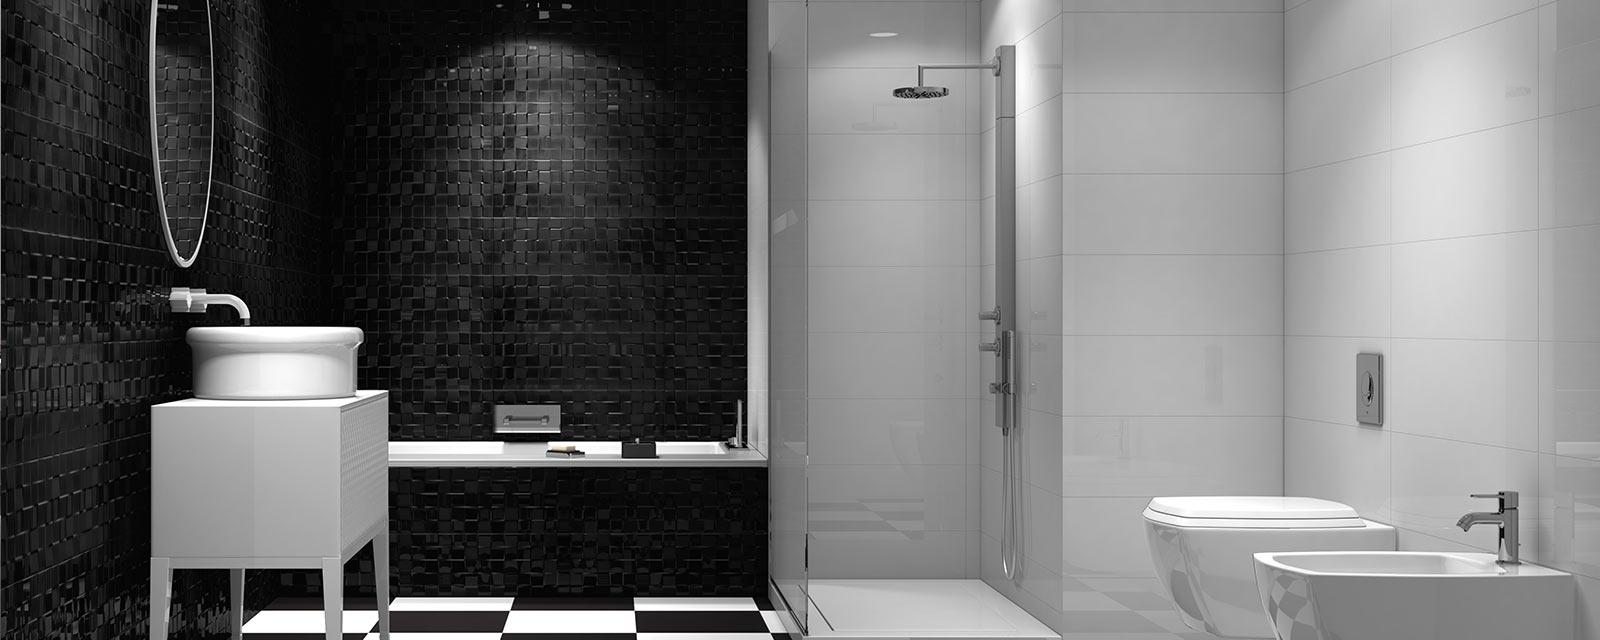 Des types de carrelages modernes pour la salle de bains  Guide